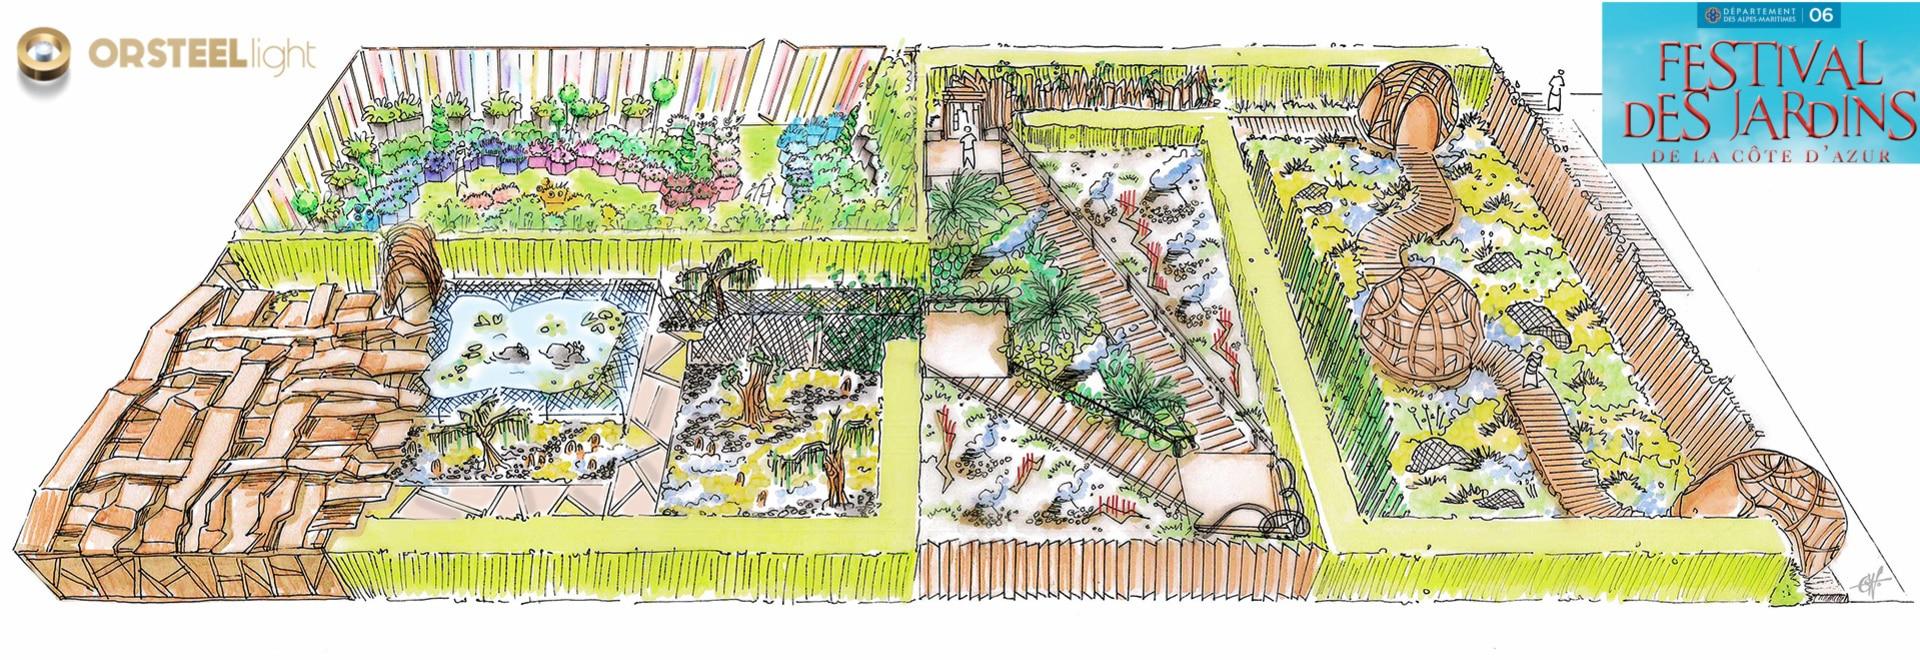 Festival des jardins de la Côte d'azur